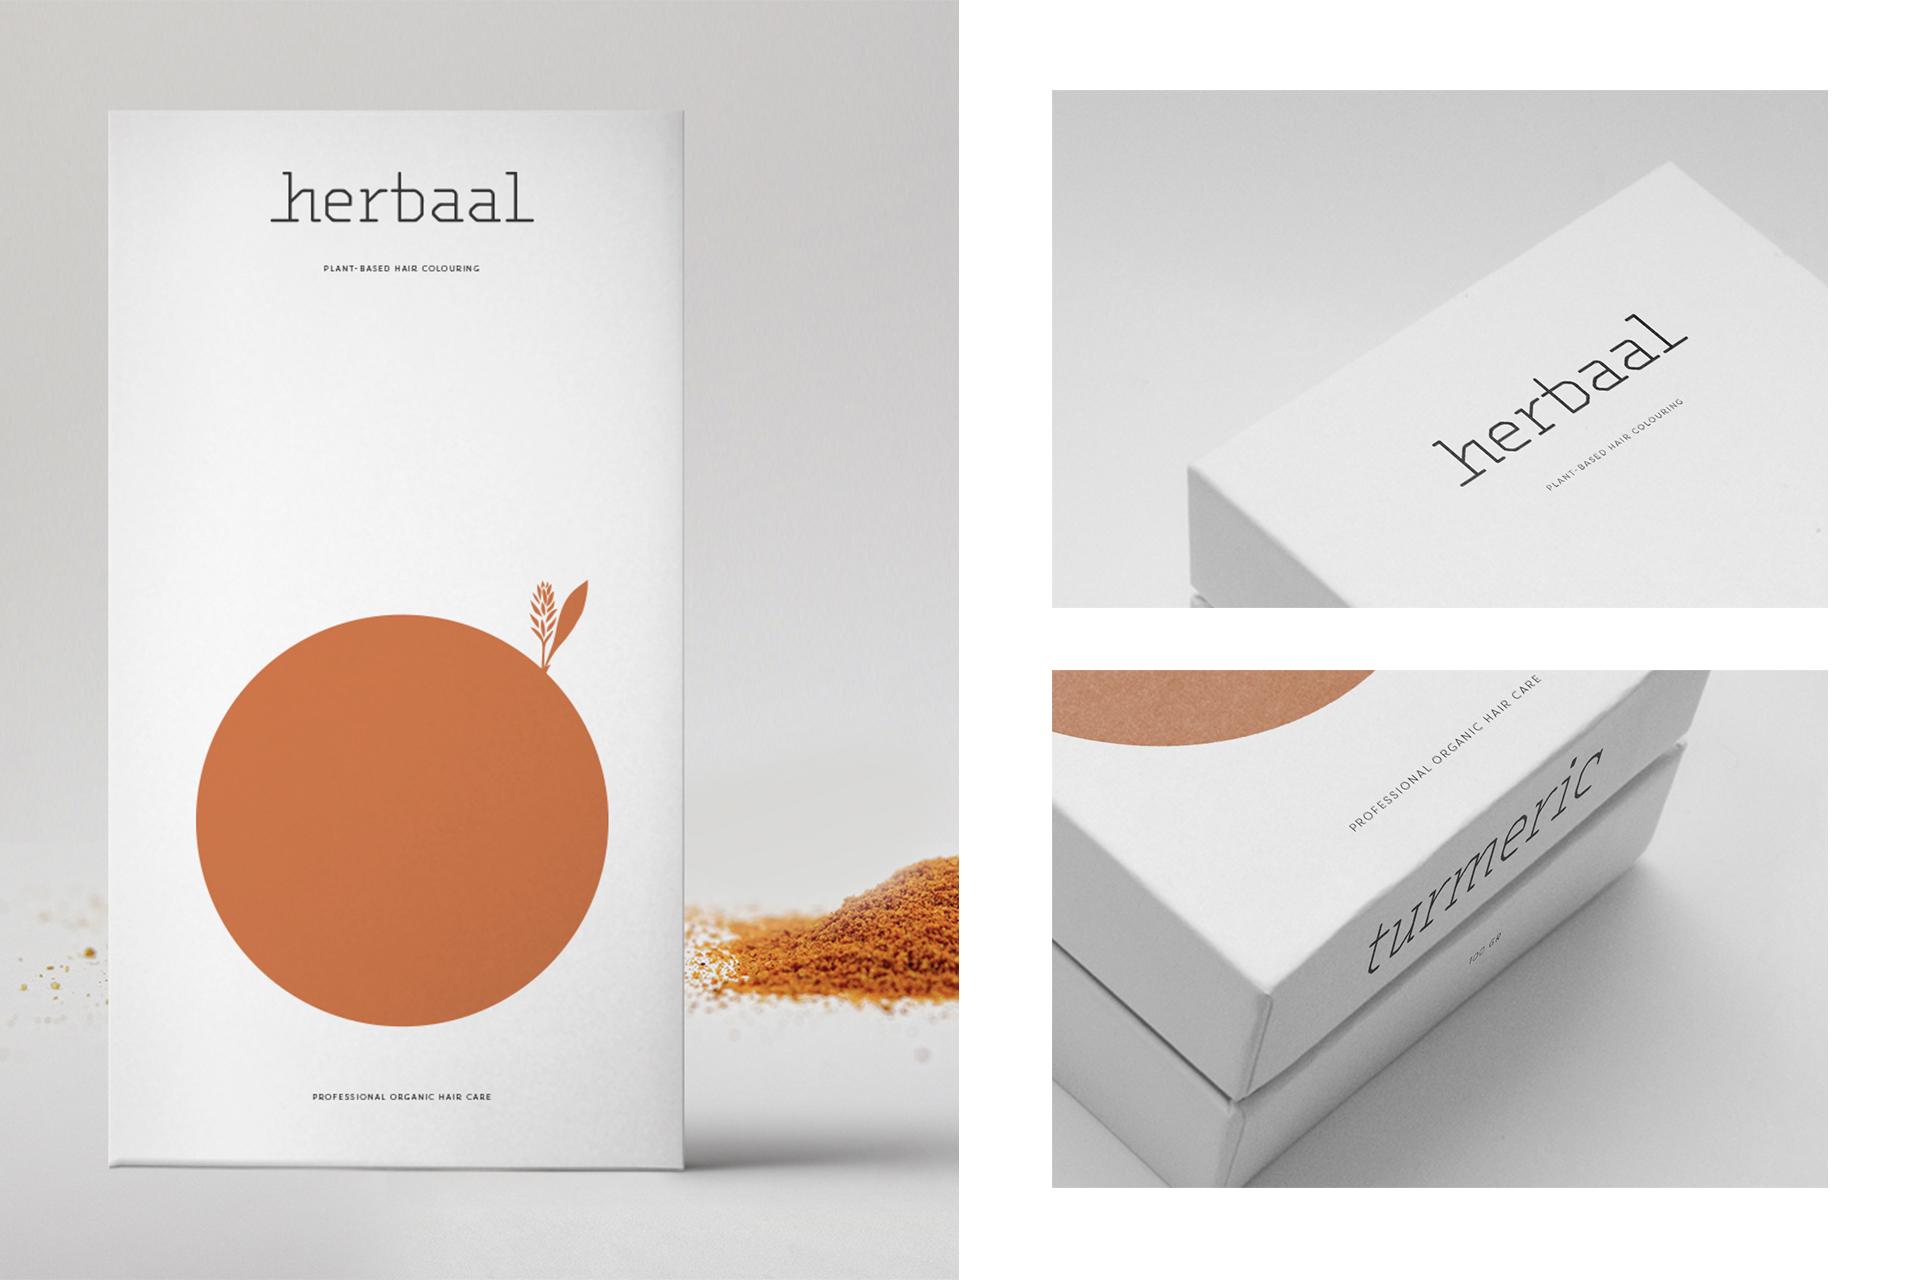 Herbaal Branding, Storytelling, Packaging & Product Design by Silenceworks - Creative Work